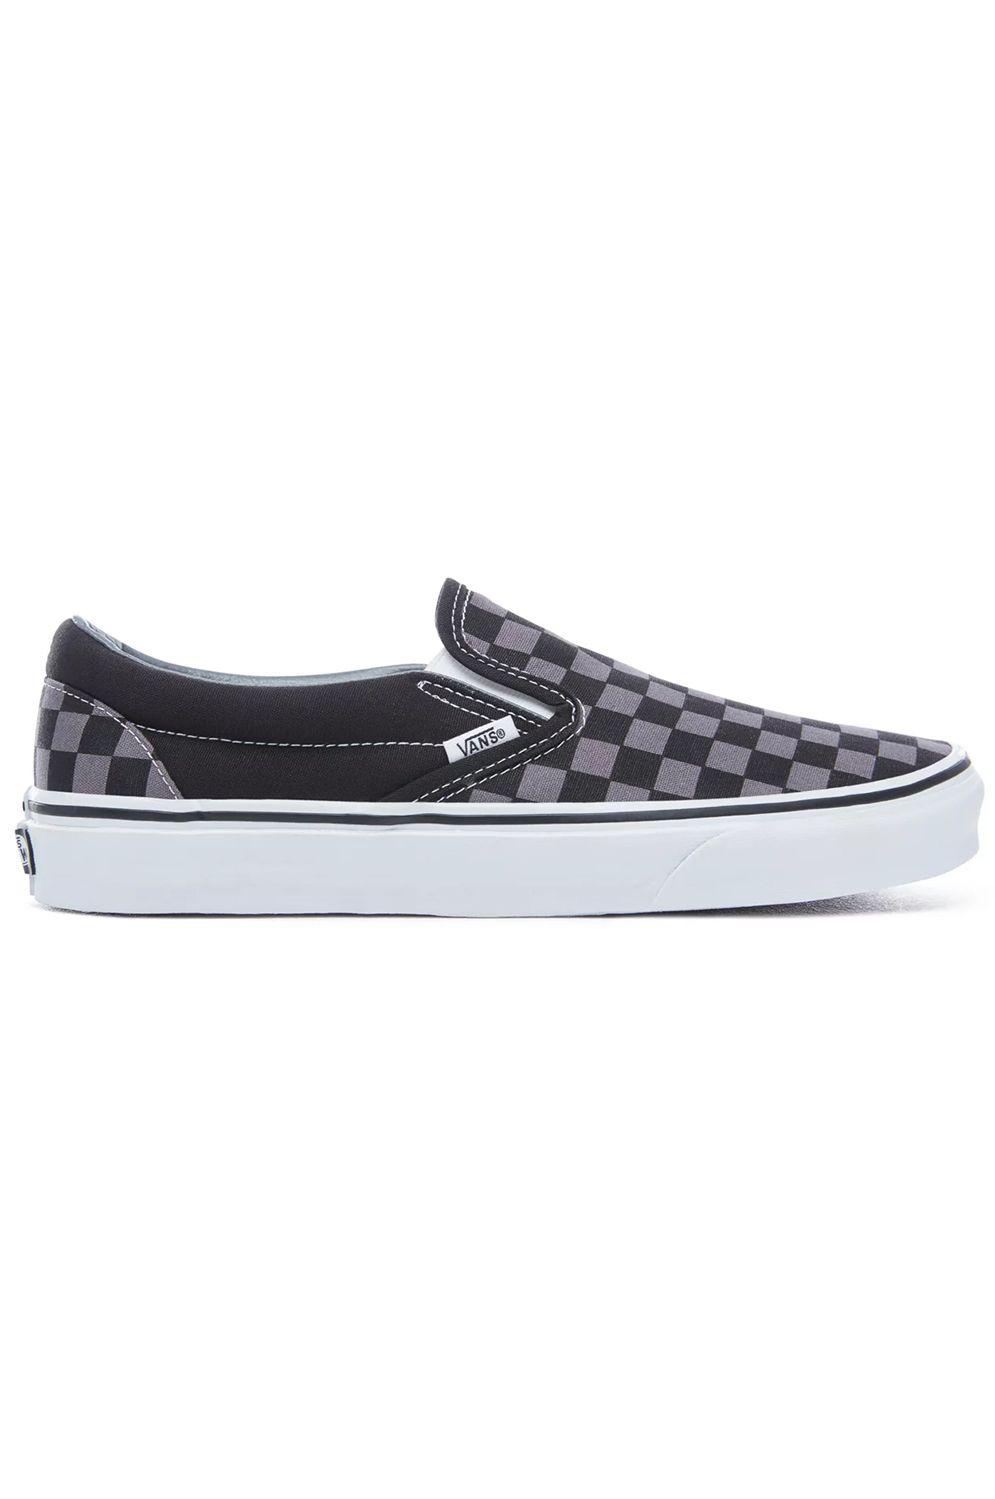 Tenis Vans CLASSIC SLIP-ON Black/Pewter Checkerboard